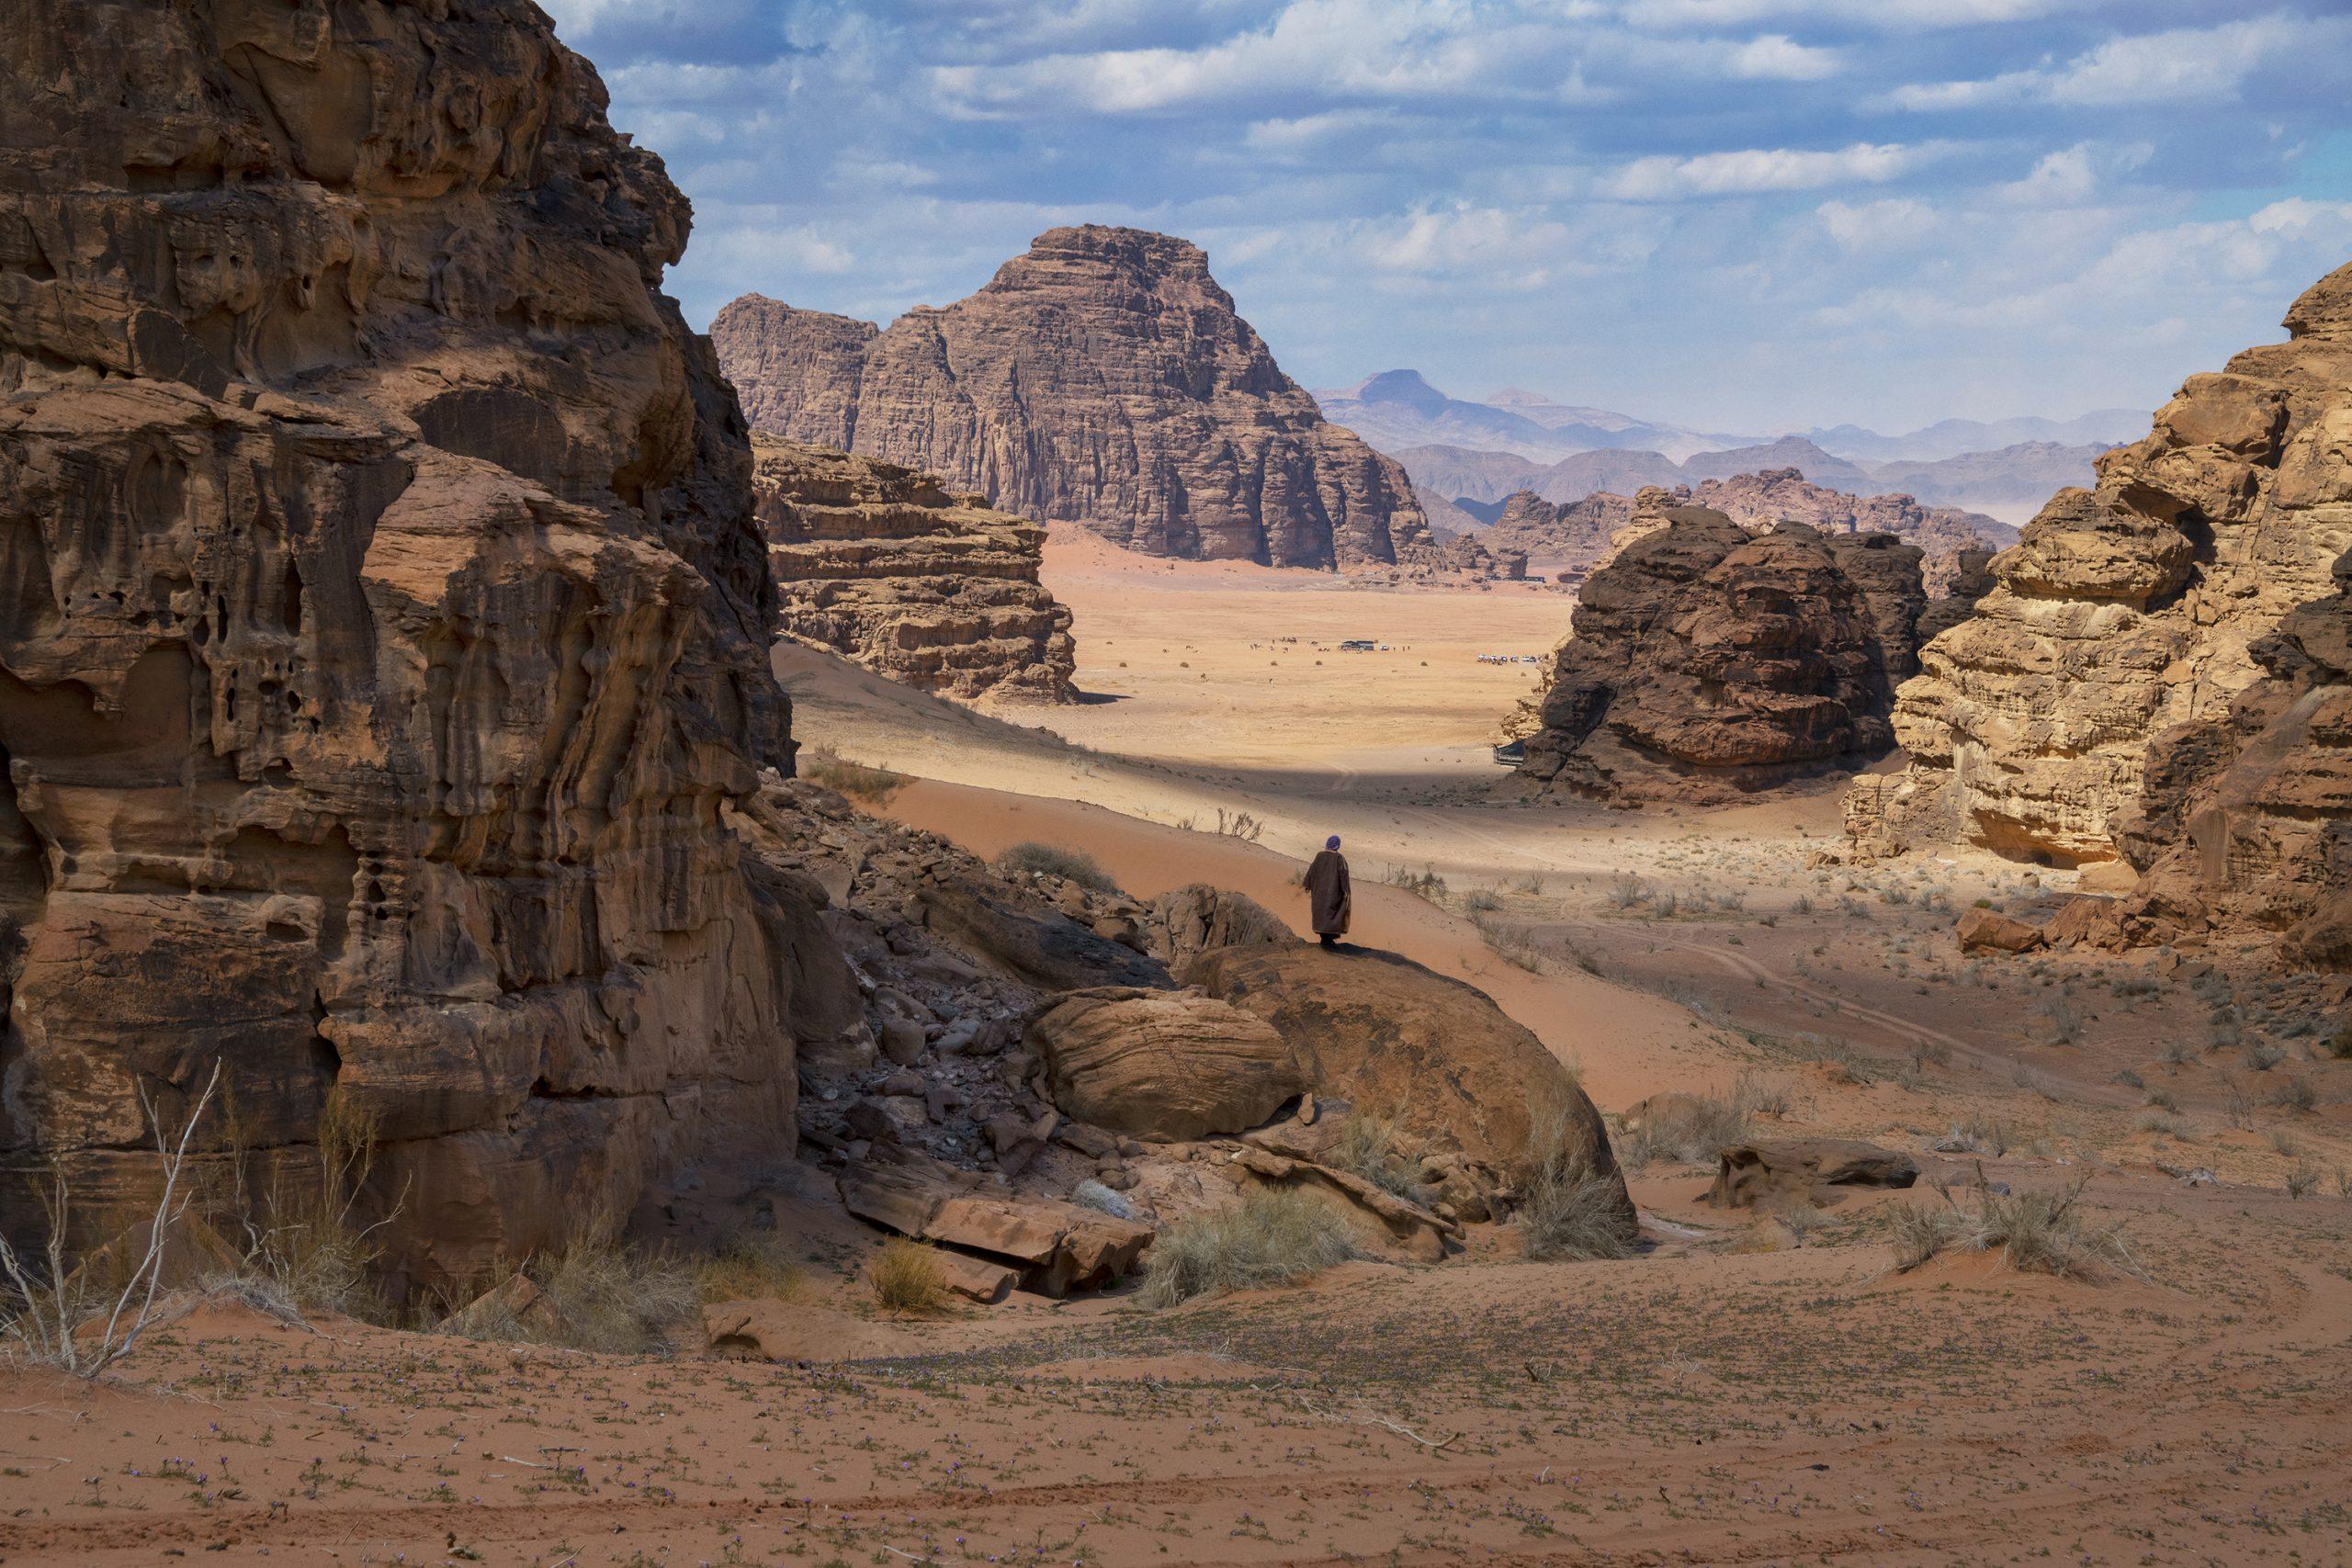 史蒂夫·麦卡里(Steve McCurry),瓦迪拉姆(Wadi Rum),约旦,山脉,岩层的彩色照片